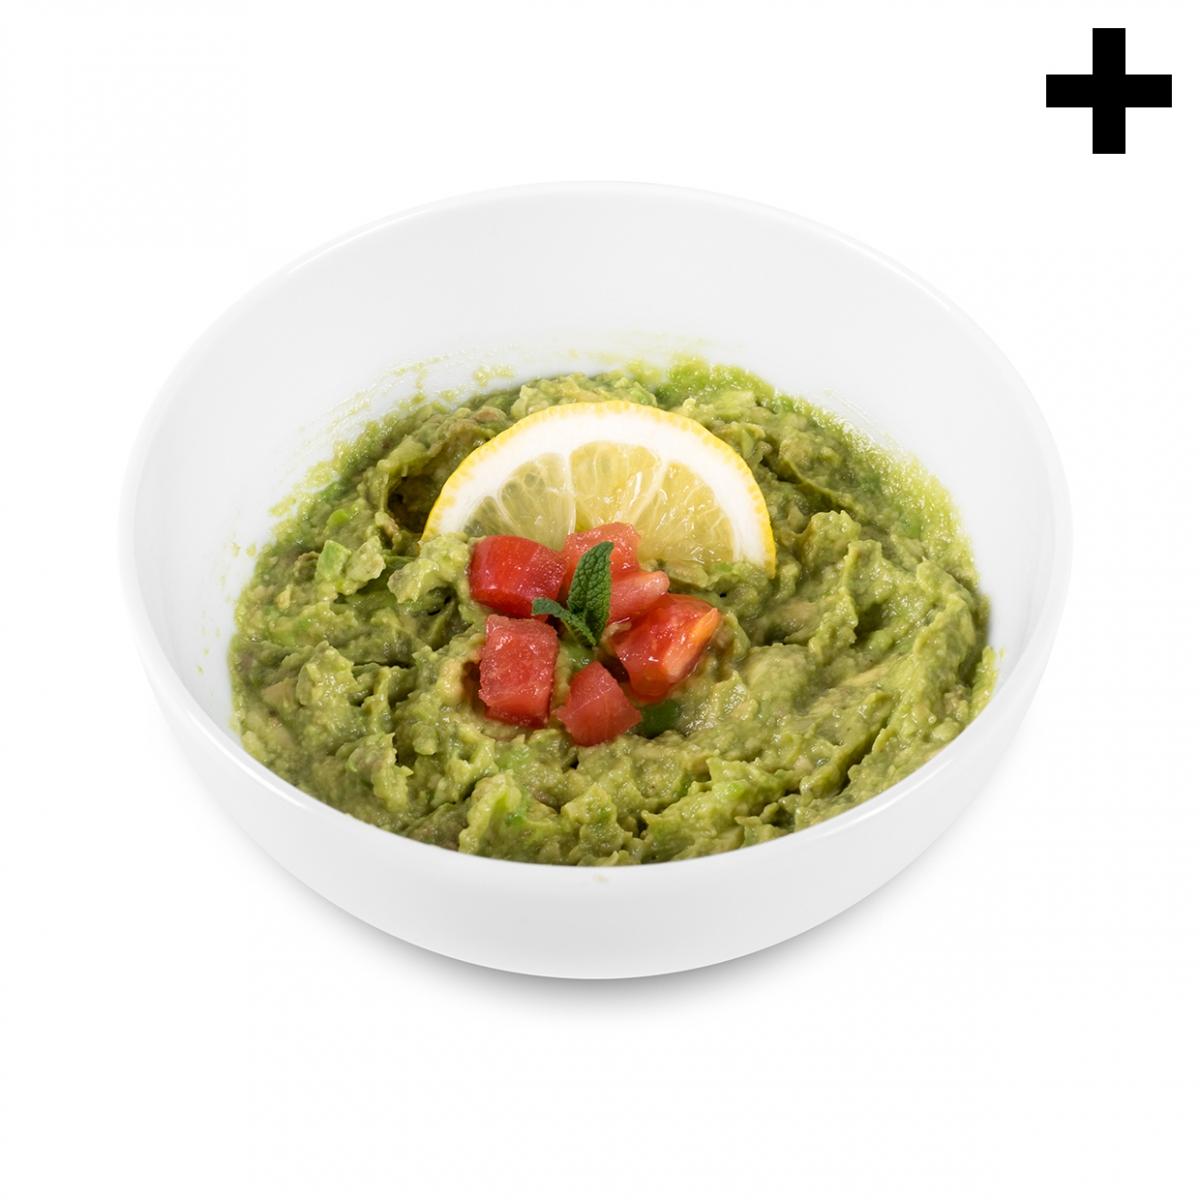 Imagen en la que se ve el plural del concepto guacamole